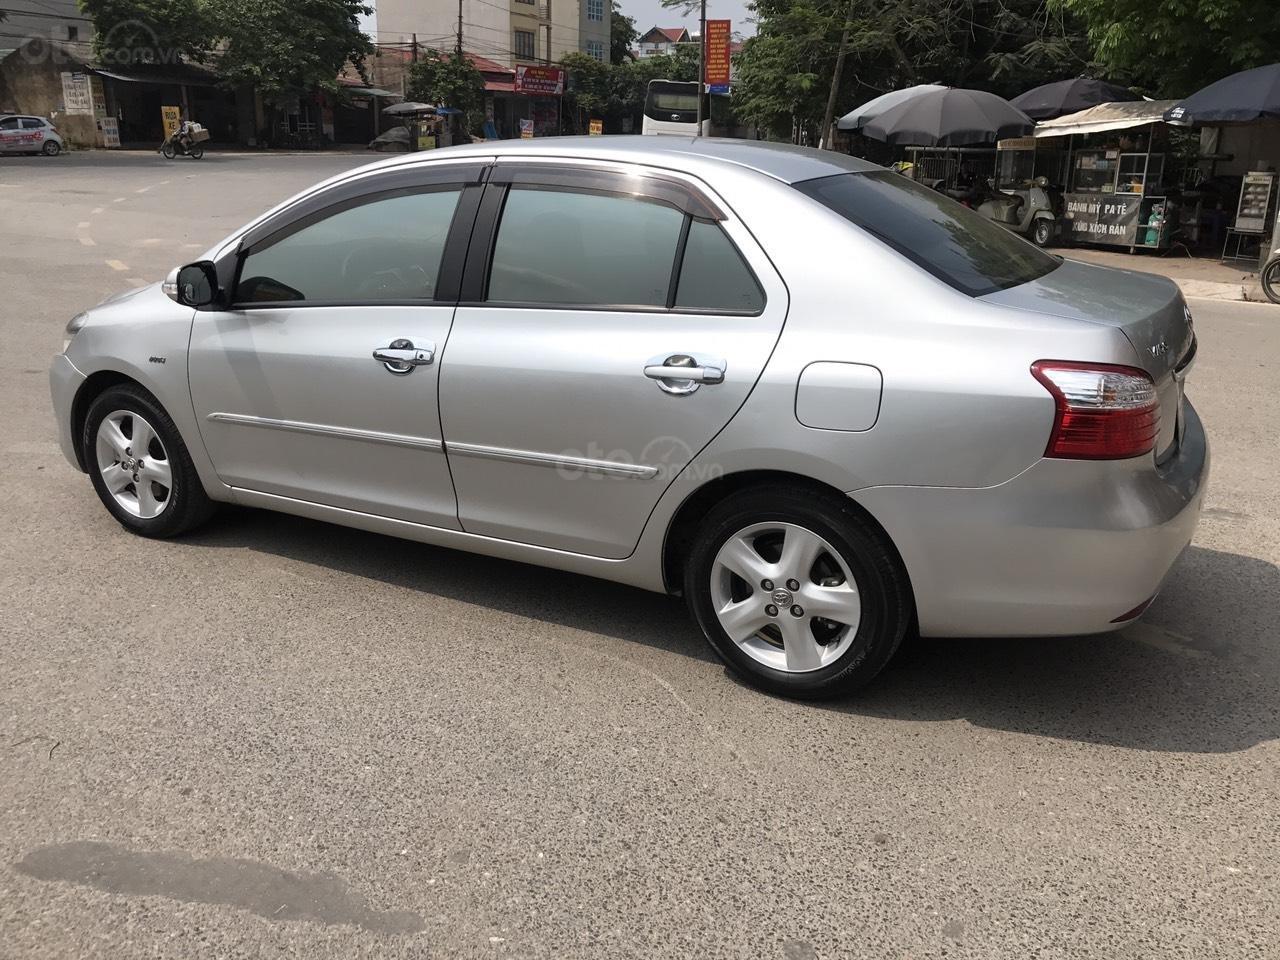 Bán xe Toyota Vios 1.5E đời 2010, màu bạc, nói không với lỗi nhỏ taxi, động chạm máy móc (3)